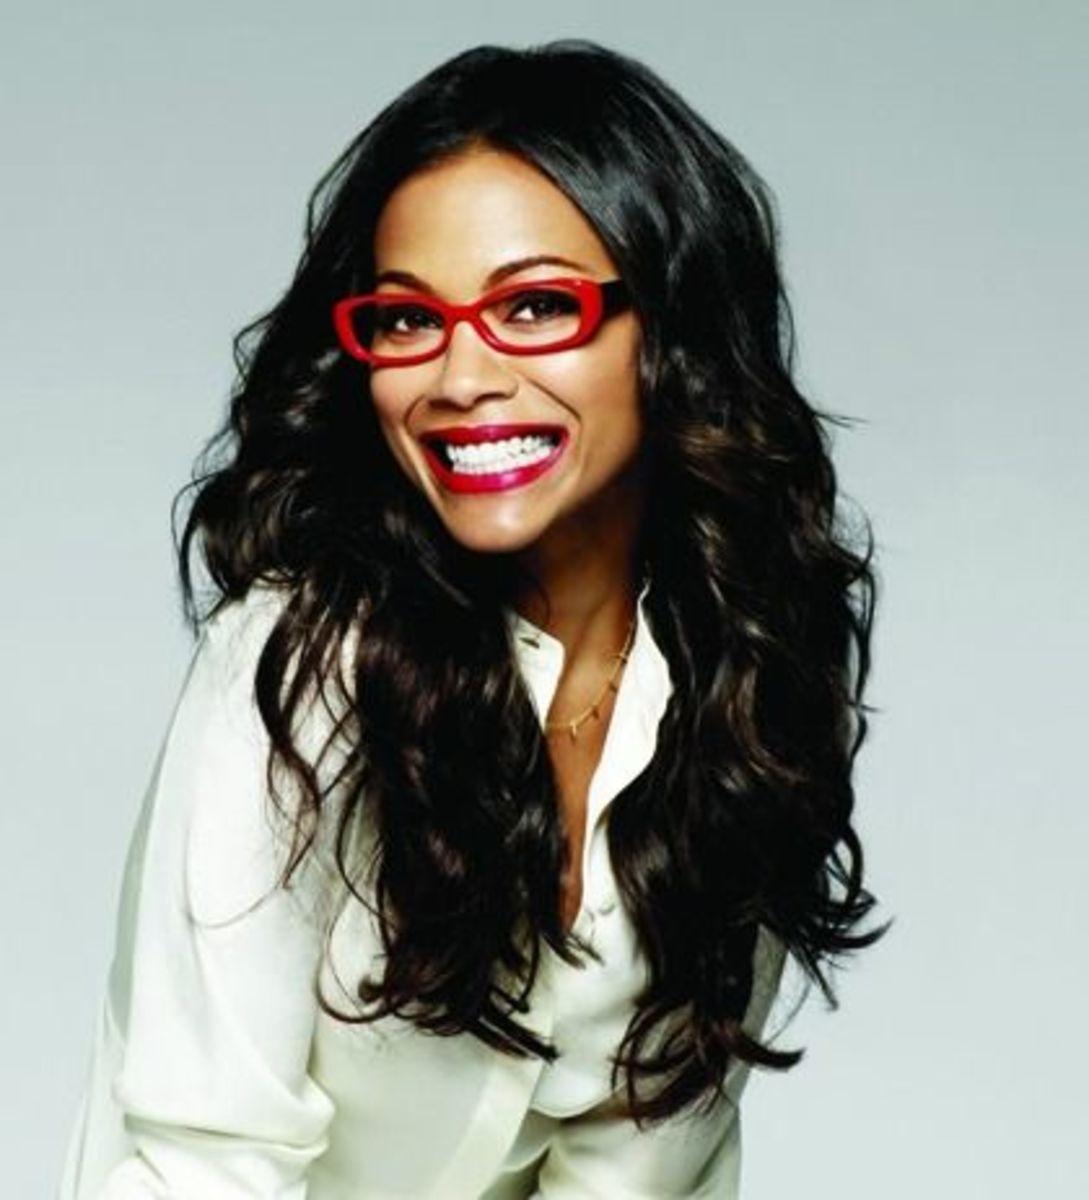 Dark skinned woman wearing bold red framed glasses